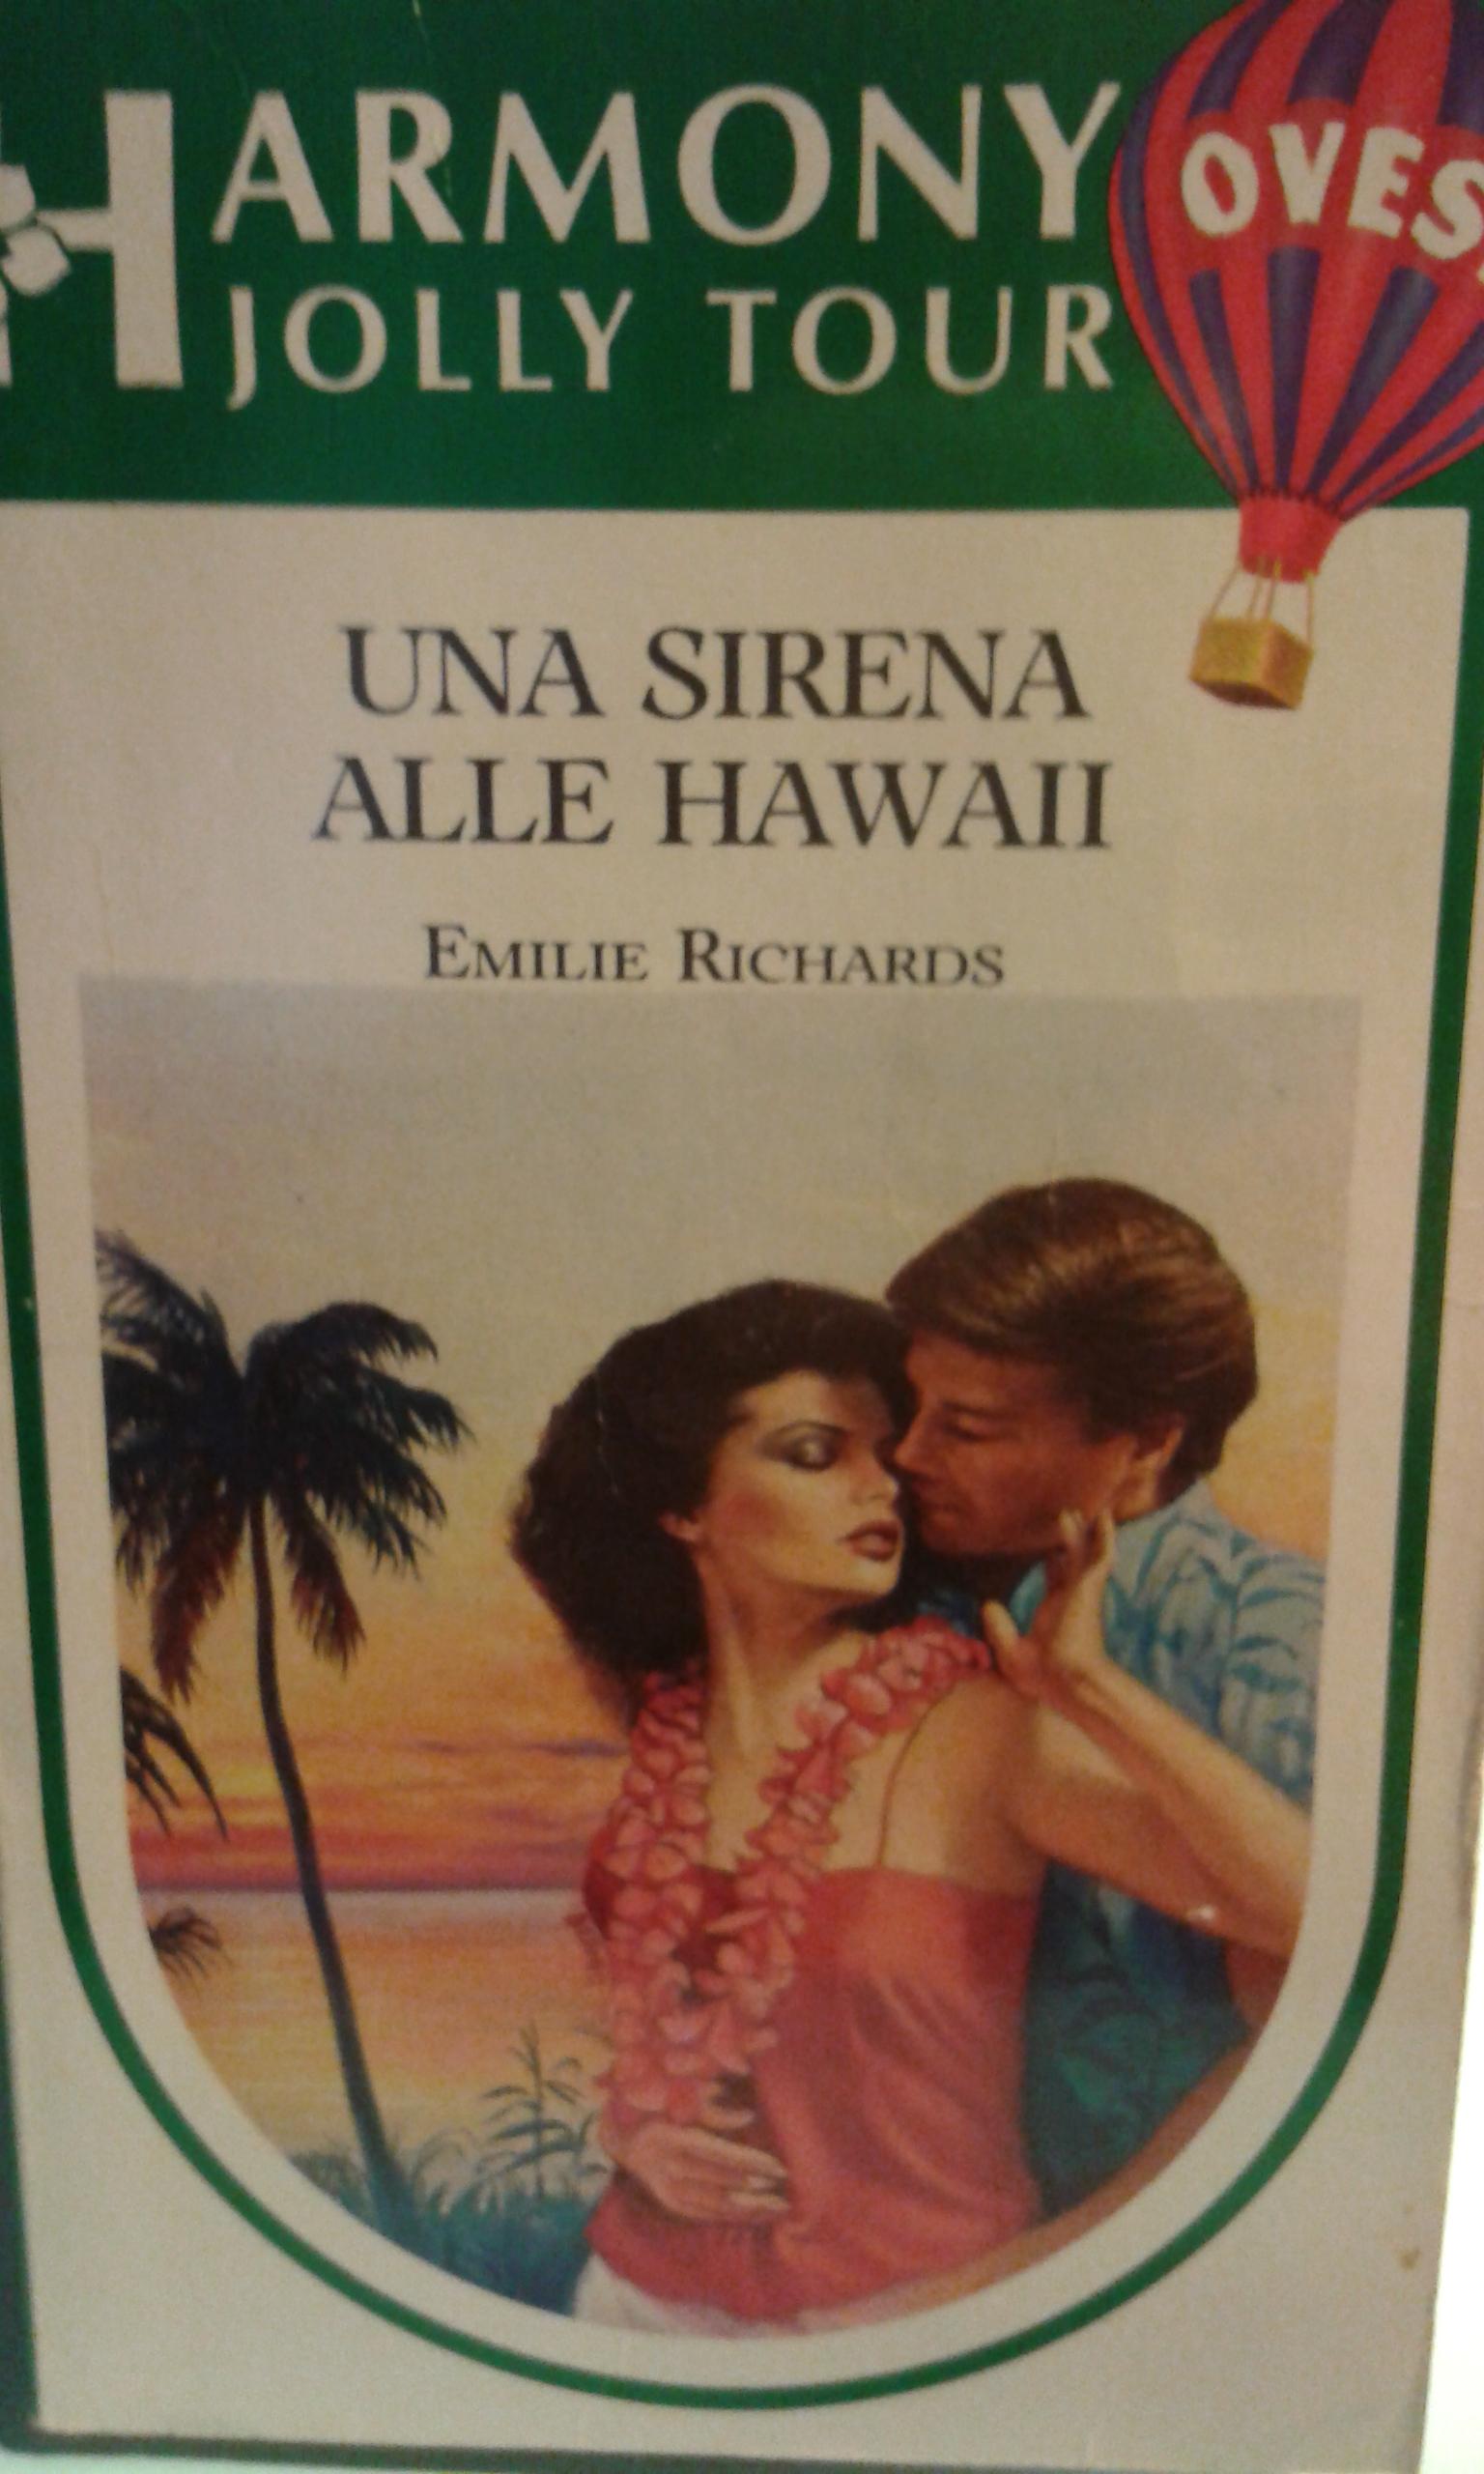 Una sirena alle Hawa...